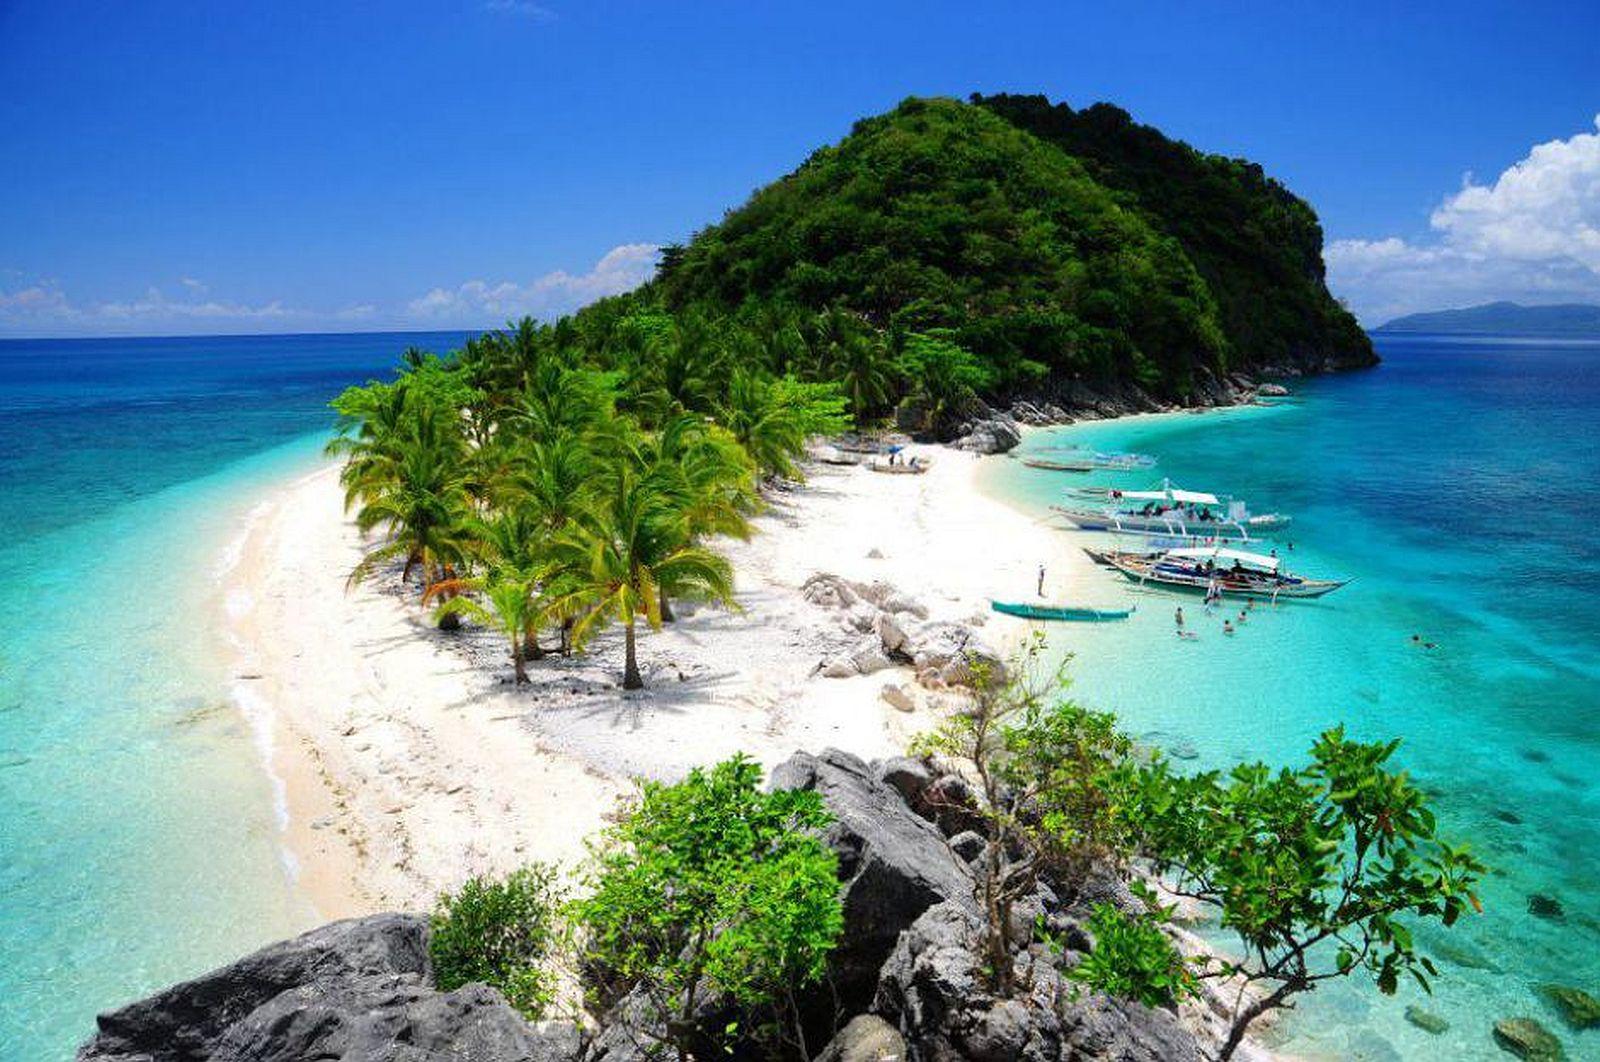 PHILIPPINEN REISEN - ORTE - PANAY - Touristische Beschreibung für die Provinz Iloilo